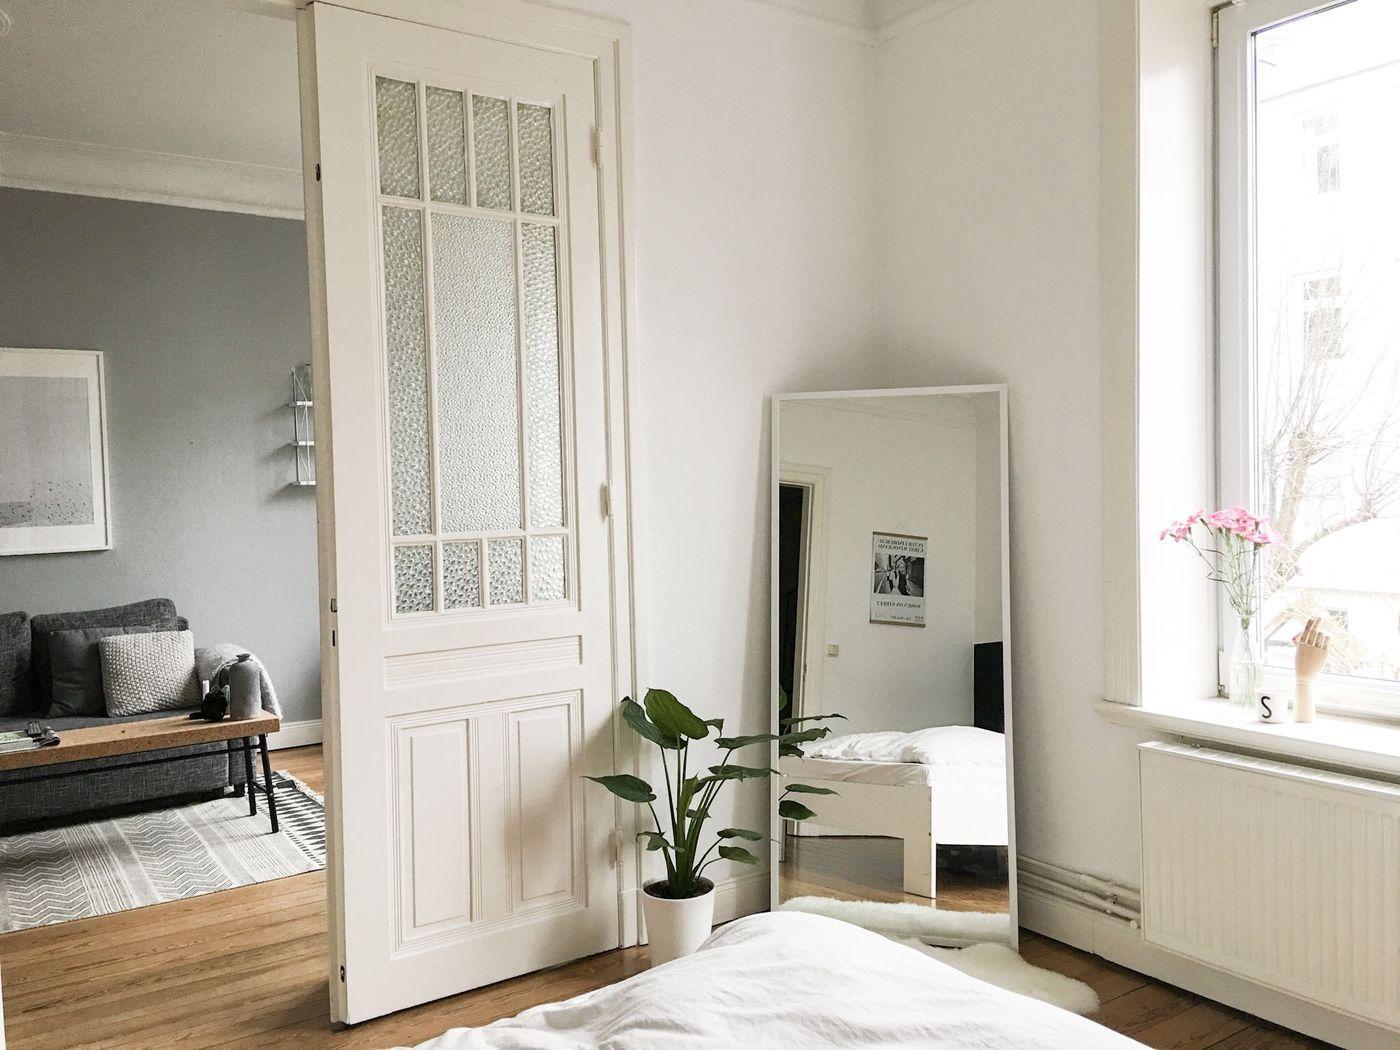 wandfarbe grau schlafzimmer bettw sche bersetzung englisch kleine schlafzimmer sch n. Black Bedroom Furniture Sets. Home Design Ideas